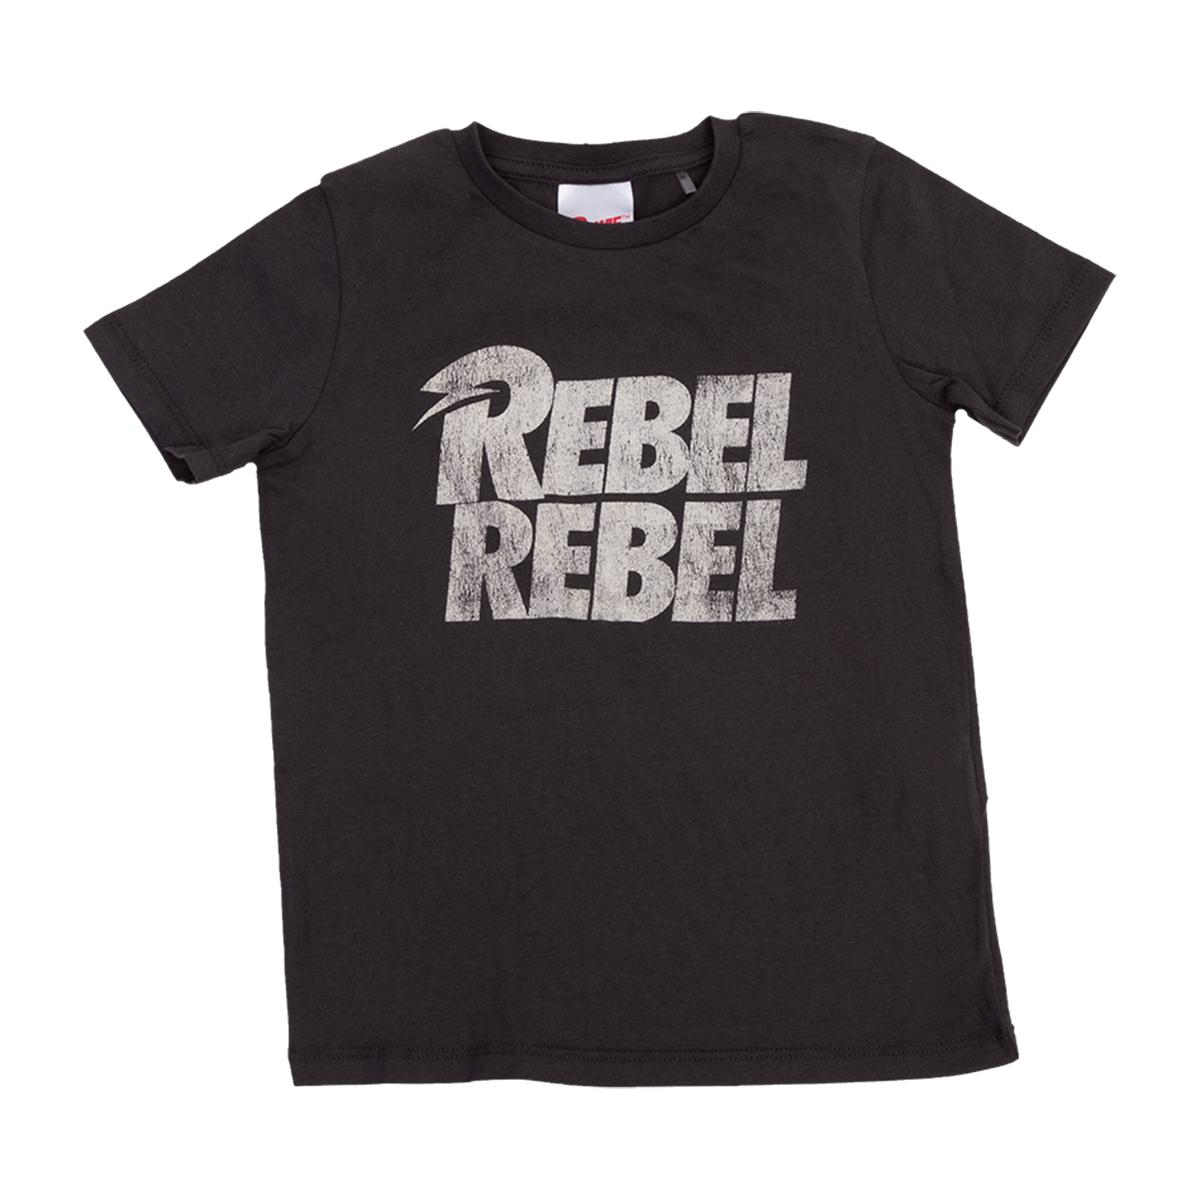 David Bowie Rebel Rebel Kids T-shirt